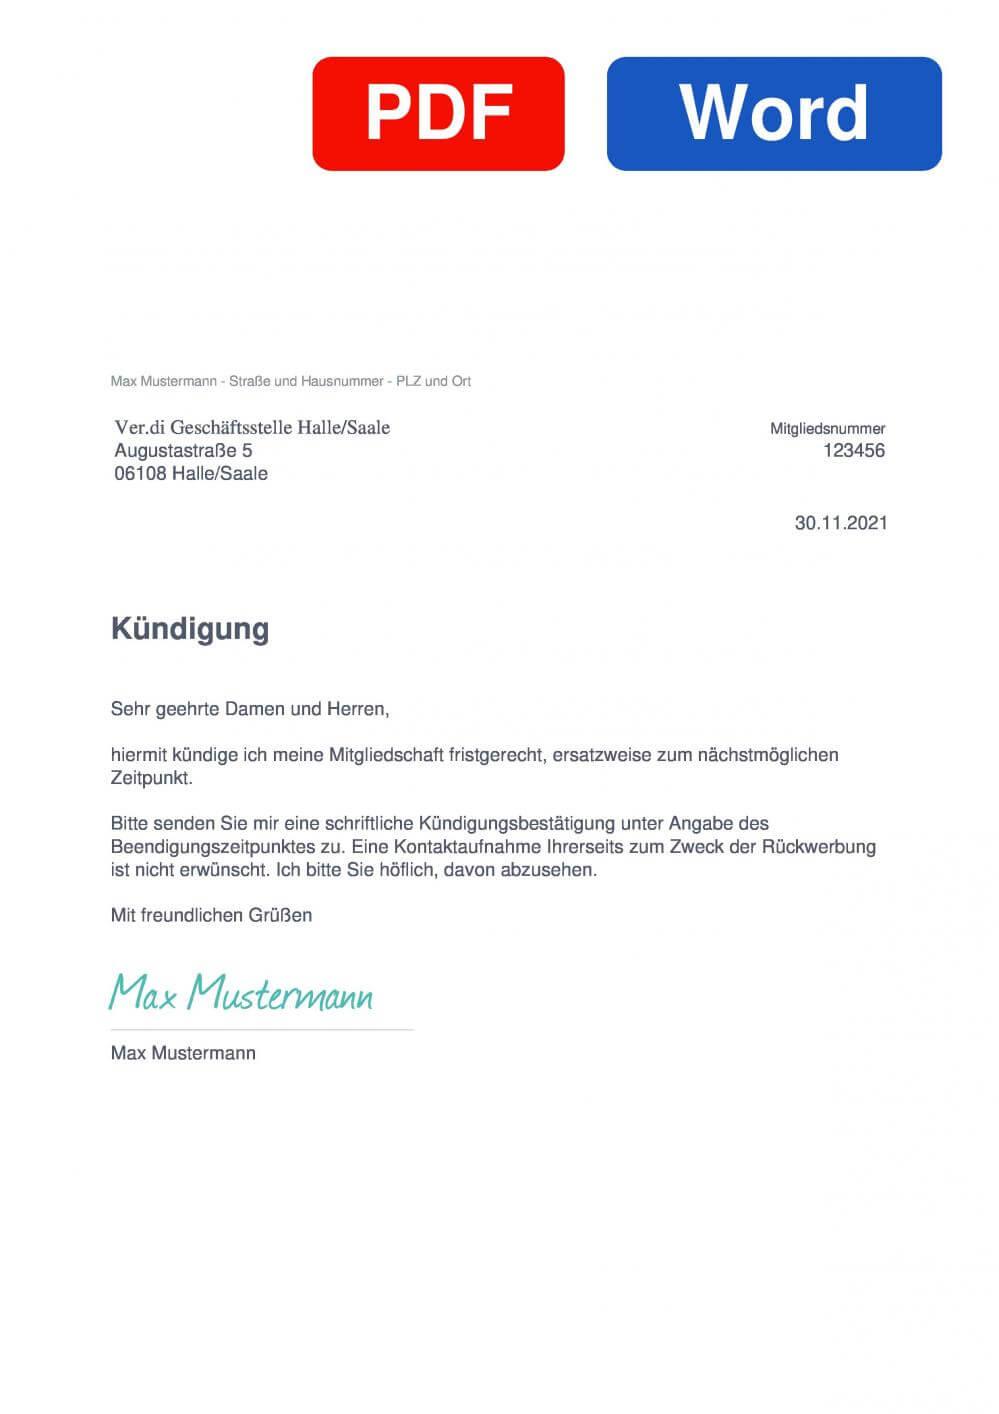 Verdi Halle/Saale Muster Vorlage für Kündigungsschreiben